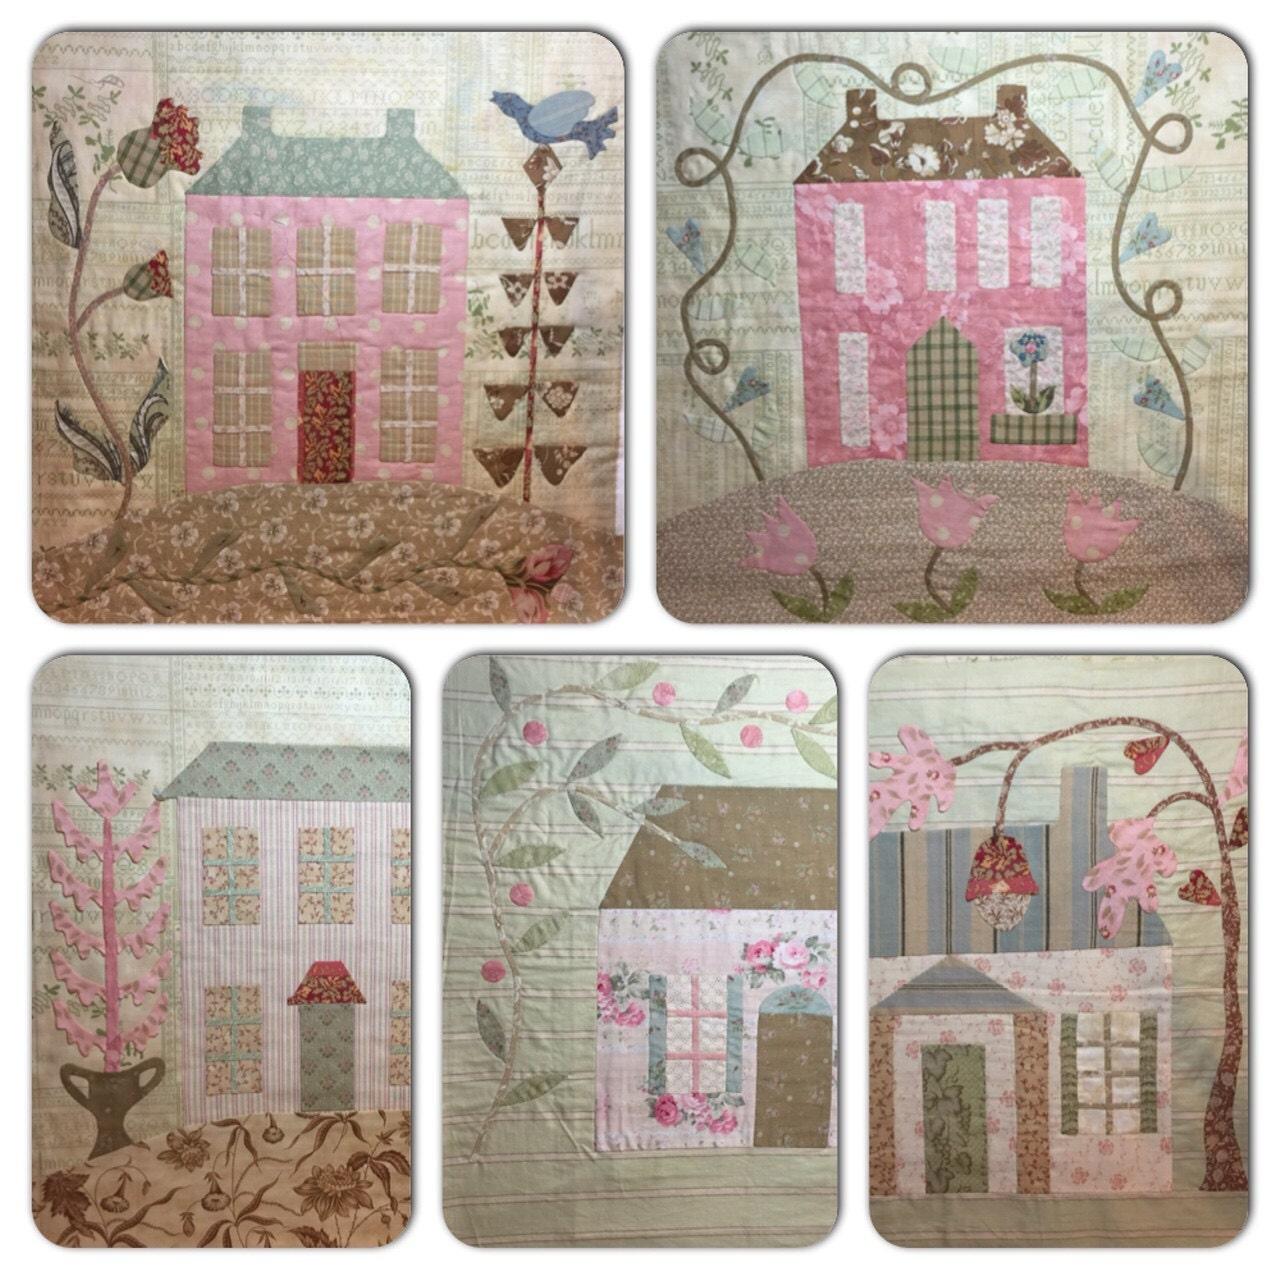 Home Sweet Home Primitive Cottages Applique Quilt Blackbird